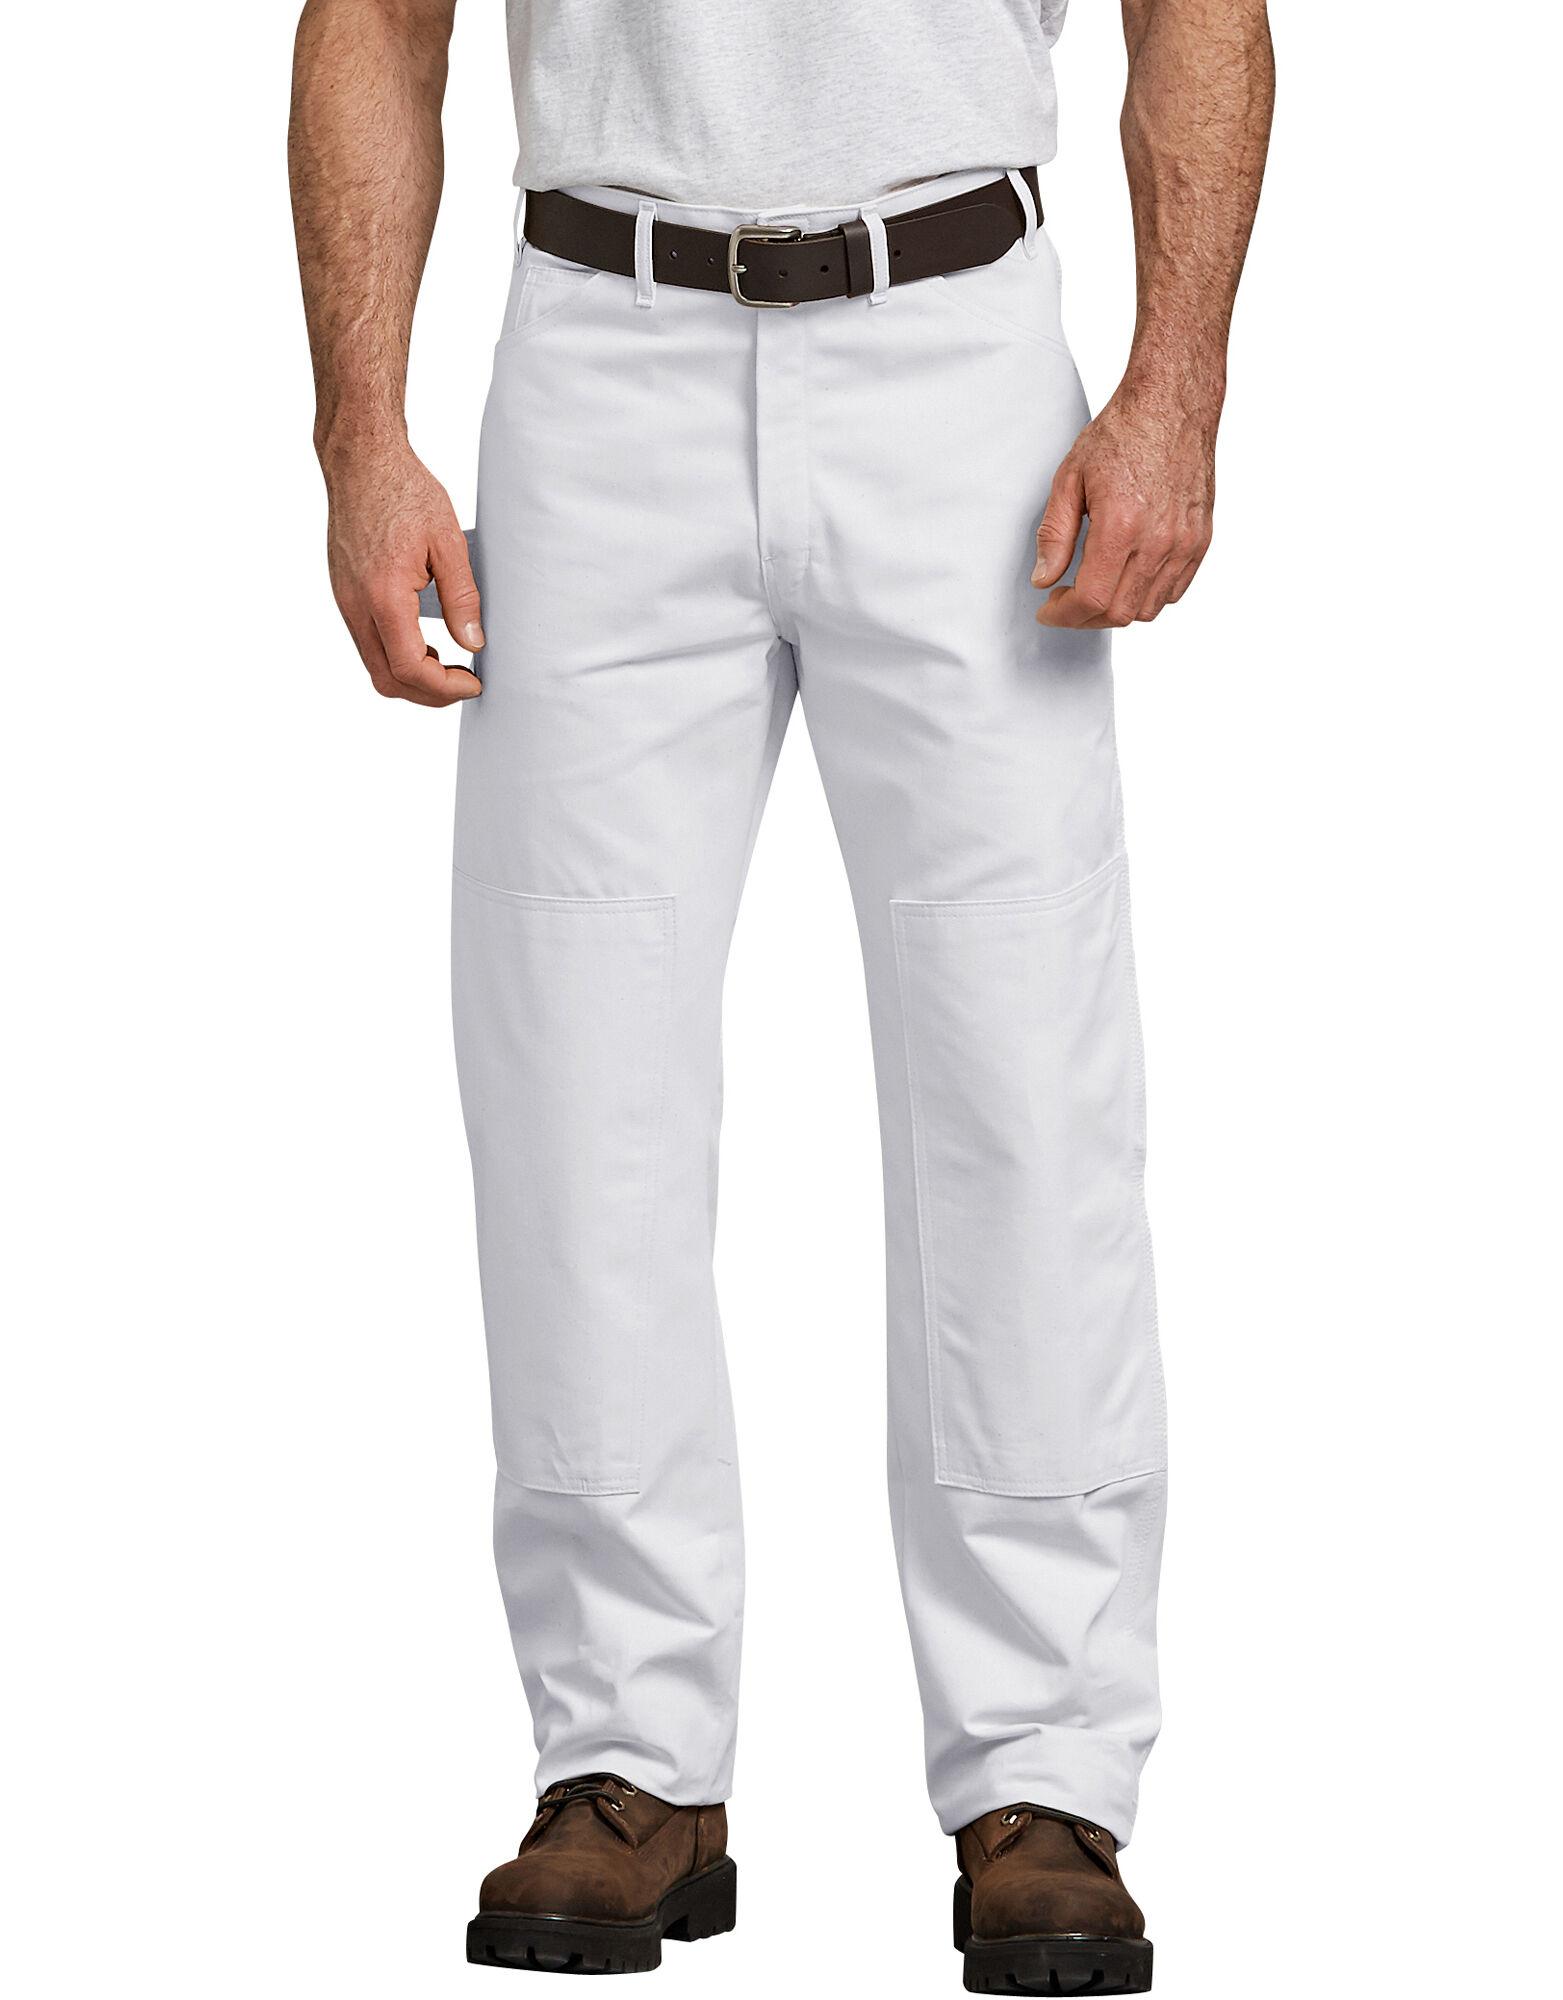 Decontracte Avec Pantalon Utilitaire Genou DoubleDickies wZuTPOkXi